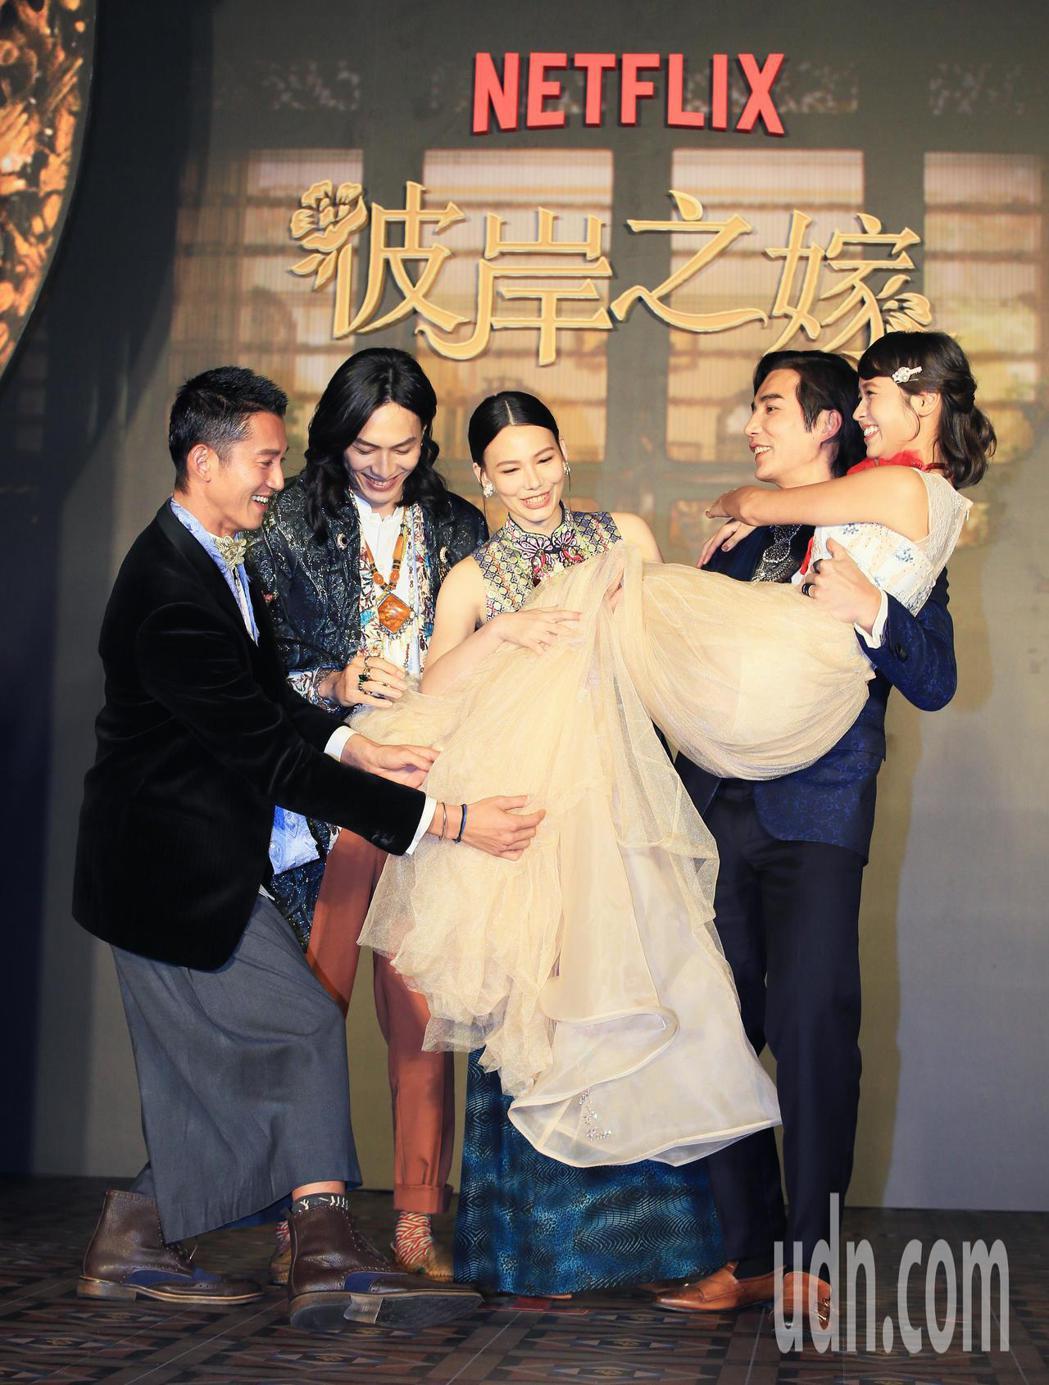 華語原創影集「彼岸之嫁」主要演員林路迪(右二)抱起黃姵嘉(右),田士廣(左二)、...